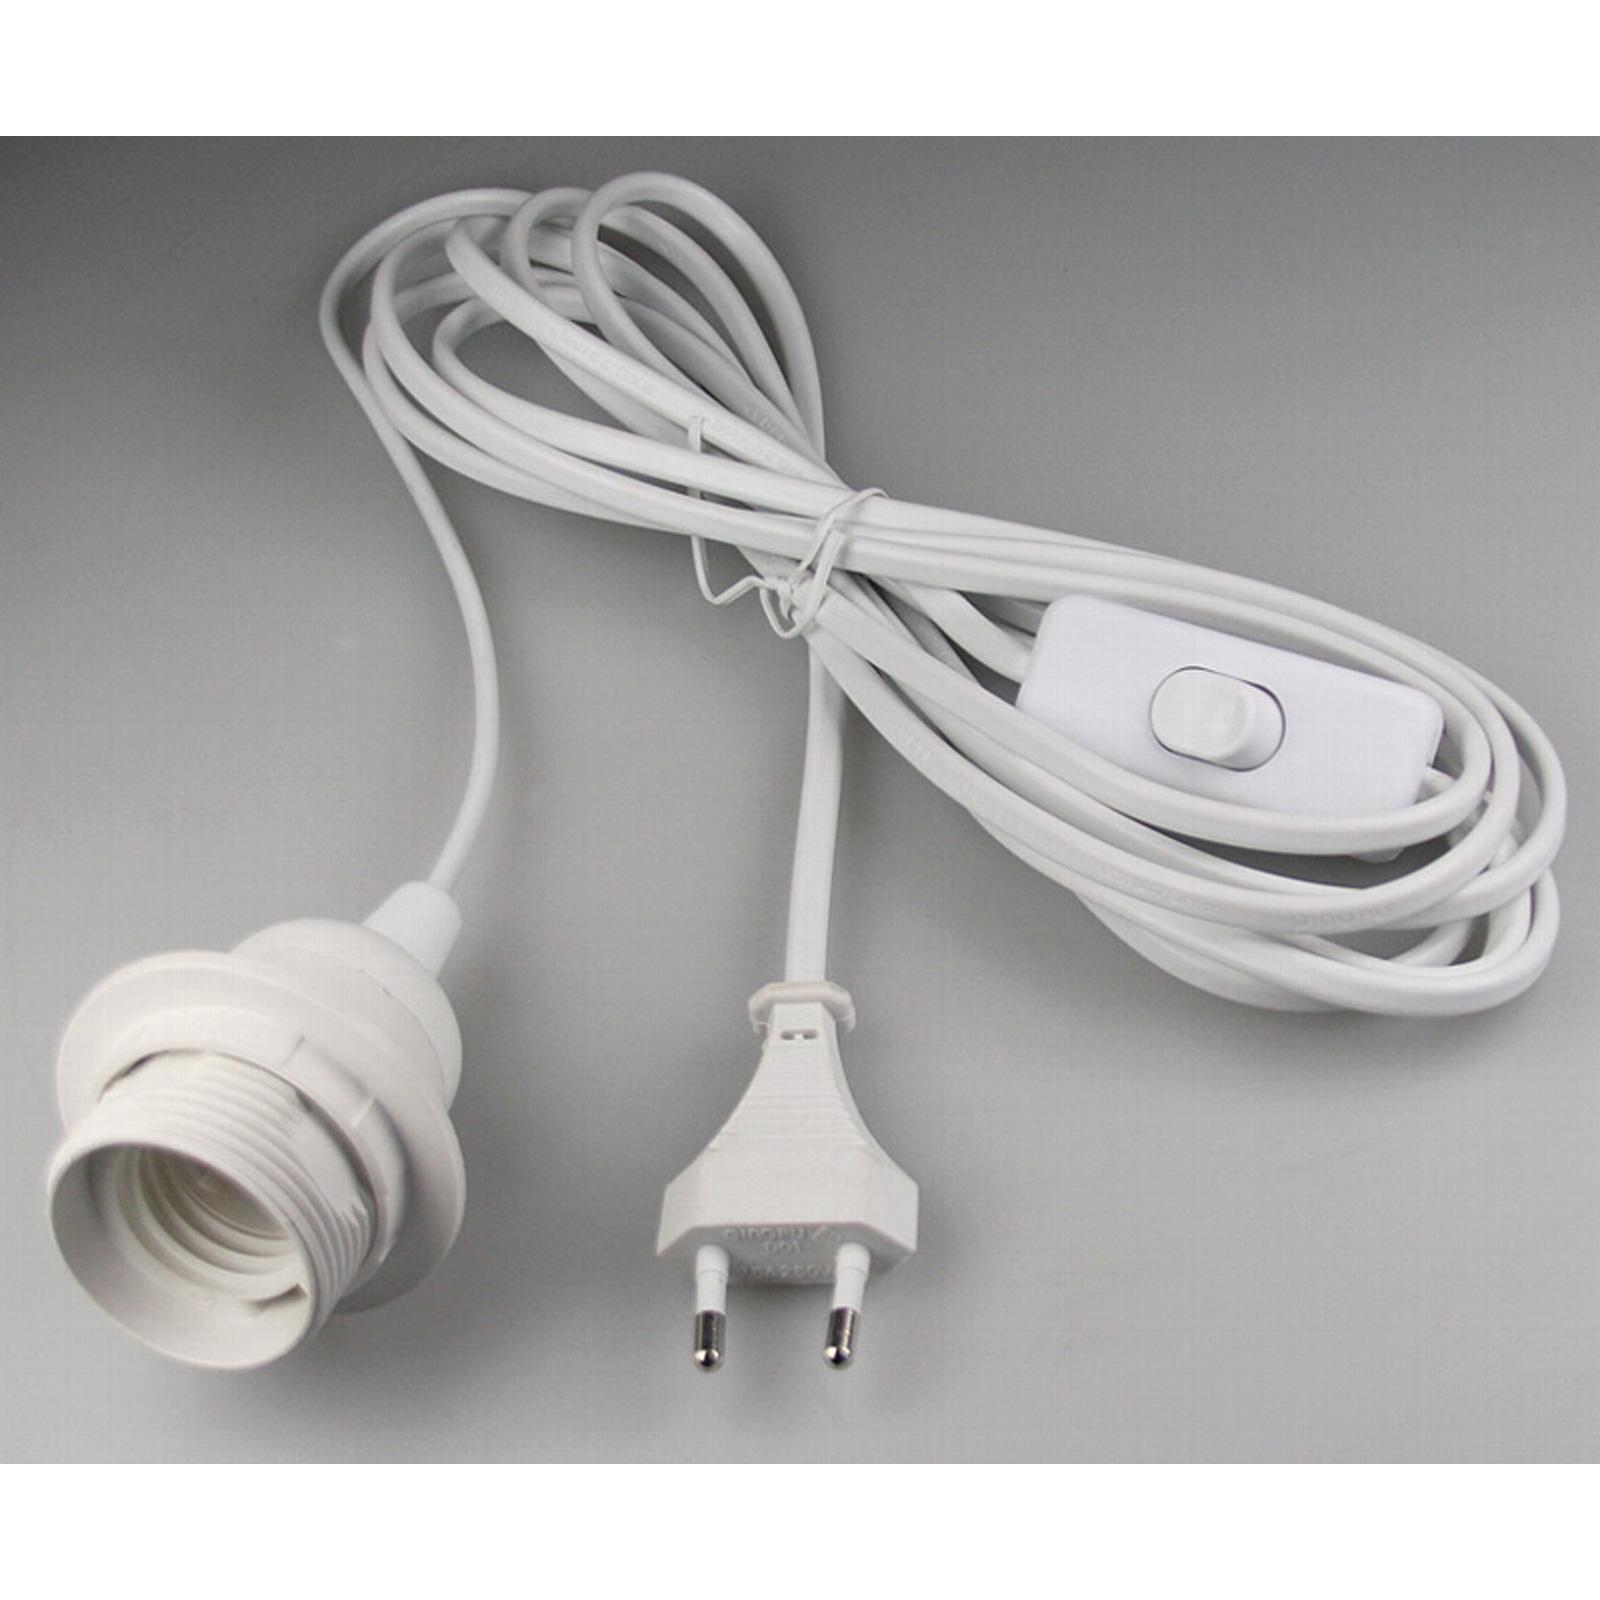 netzkabel mit schalter e27 lampenfassung 3 5m kabel leuchten fassung stecker ebay. Black Bedroom Furniture Sets. Home Design Ideas